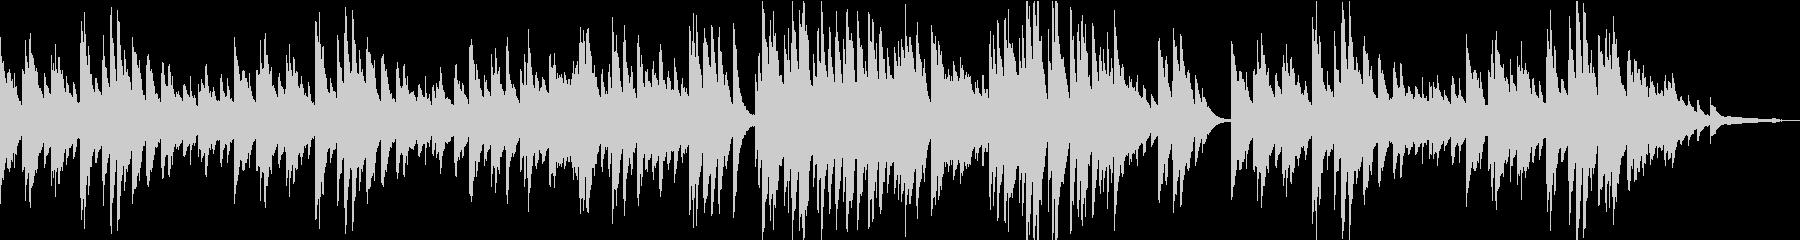 穏やかで優しいピアノBGMの未再生の波形